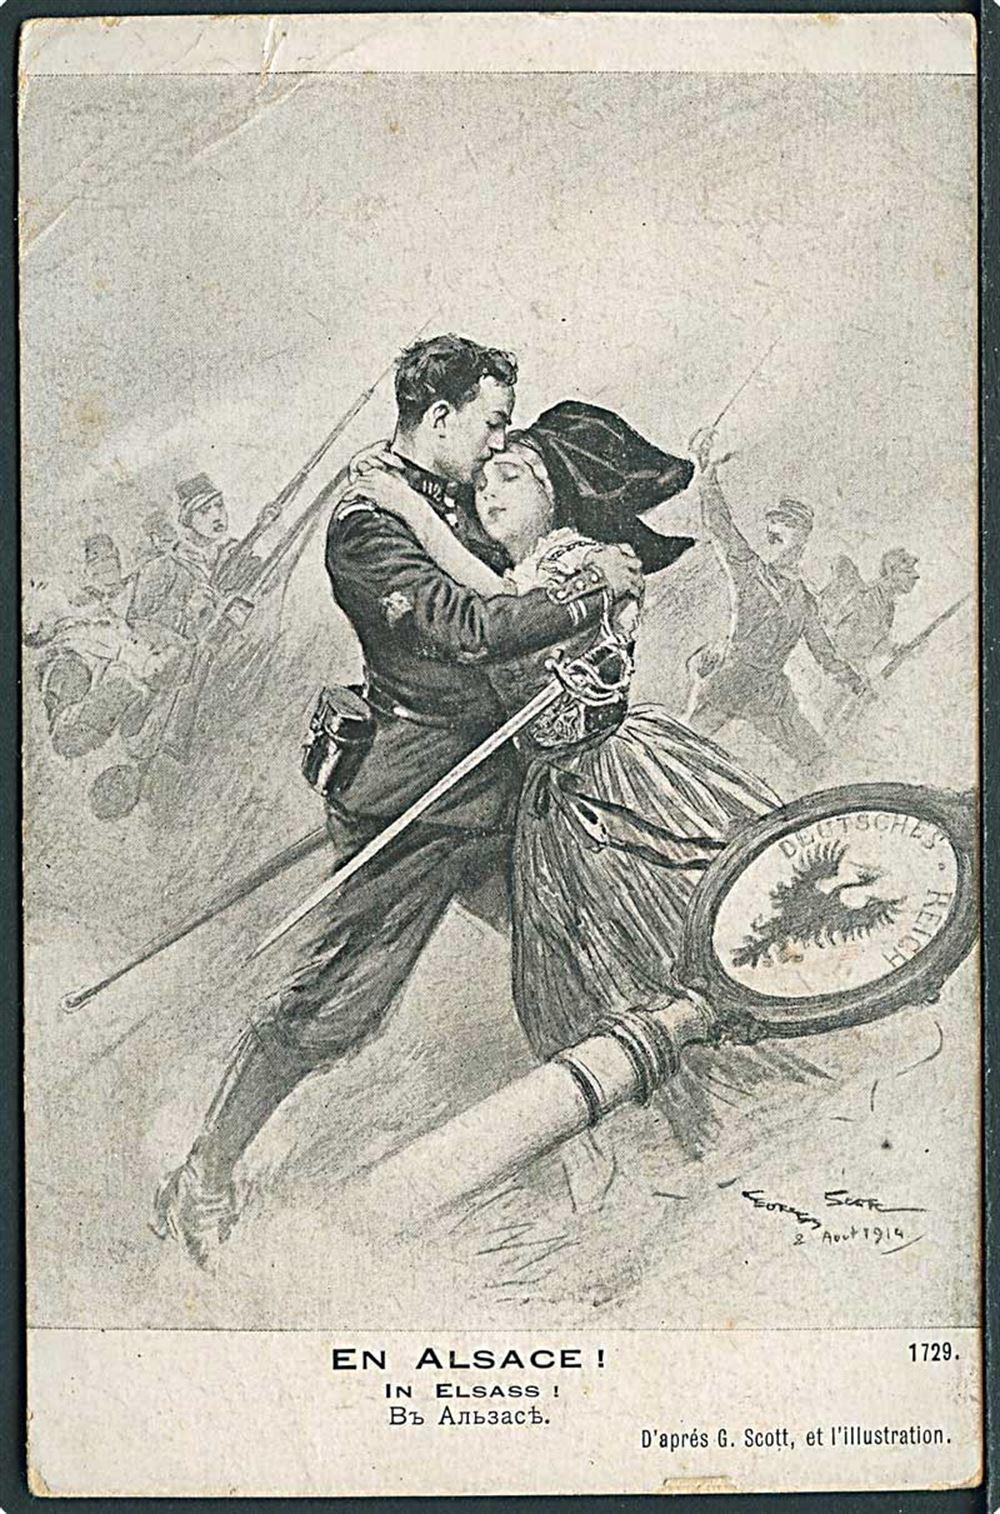 Canadiske soldat dating site